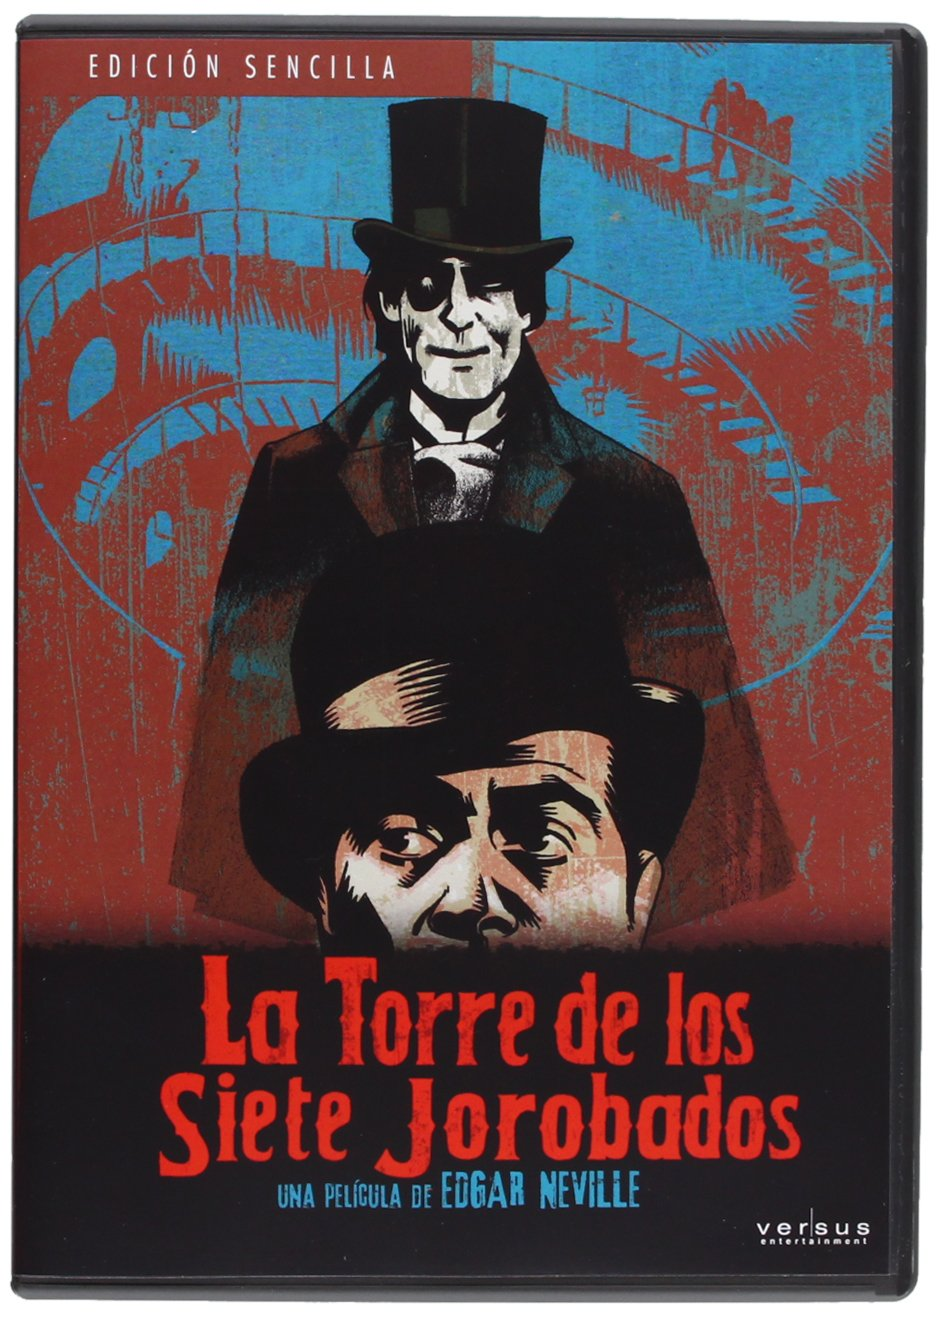 Amazon.com: La Torre De Los Siete Jorobados (Import Movie) (European Format  - Zone 2) (2012) Antonio Casal; Isabel De P : Movies & TV